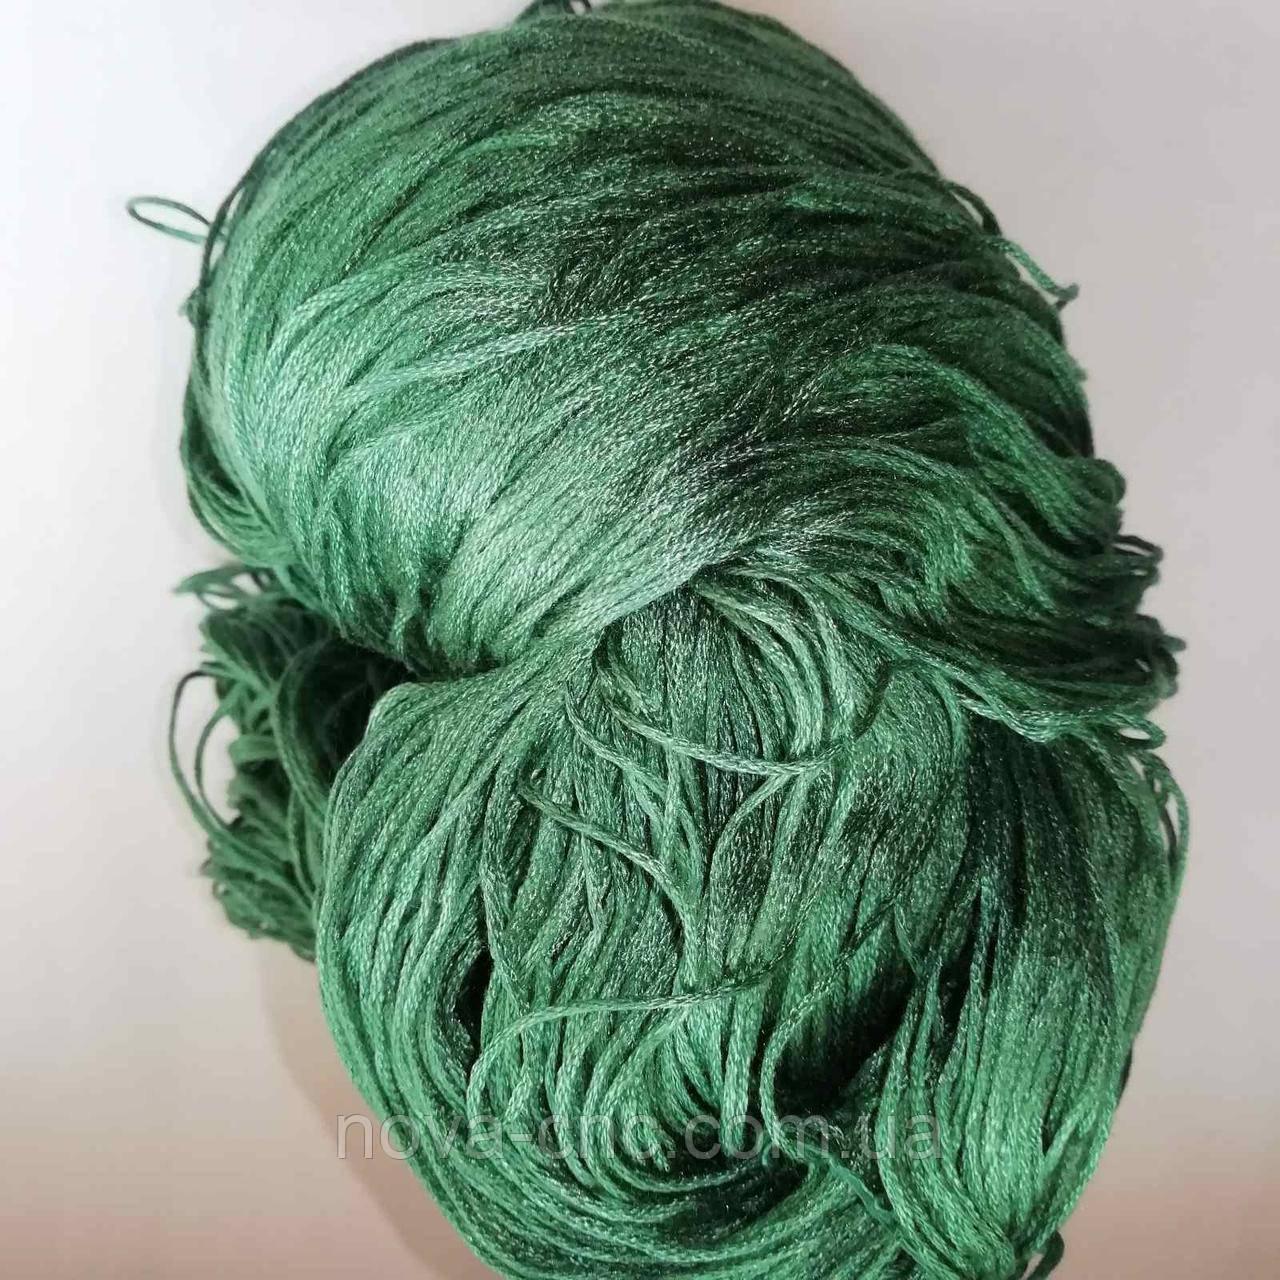 Нитки  Мулине Цвет зеленый упаковка 248г.